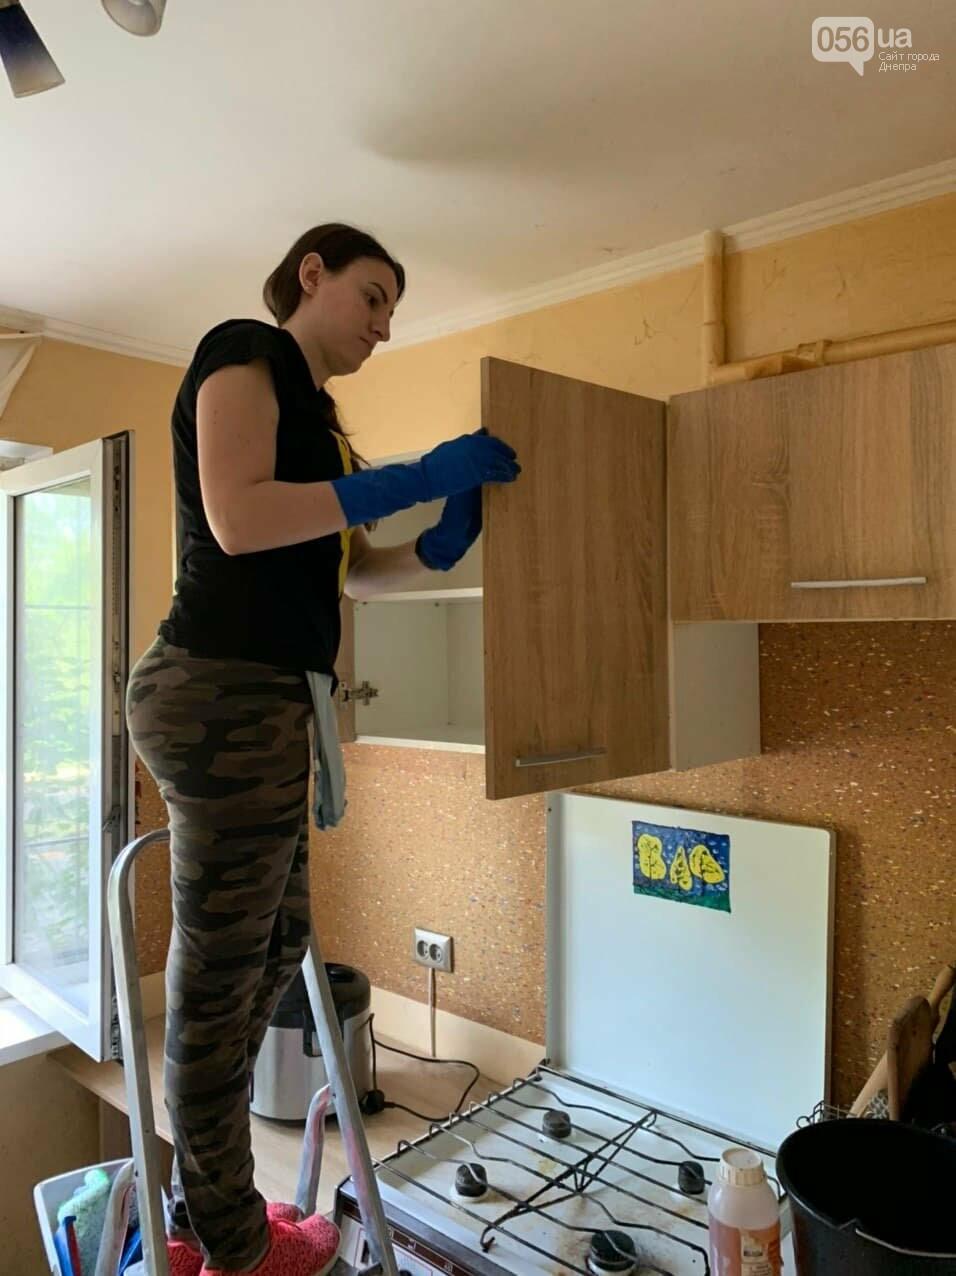 Где заказать уборку дома или квартиры в Киеве?, фото-2